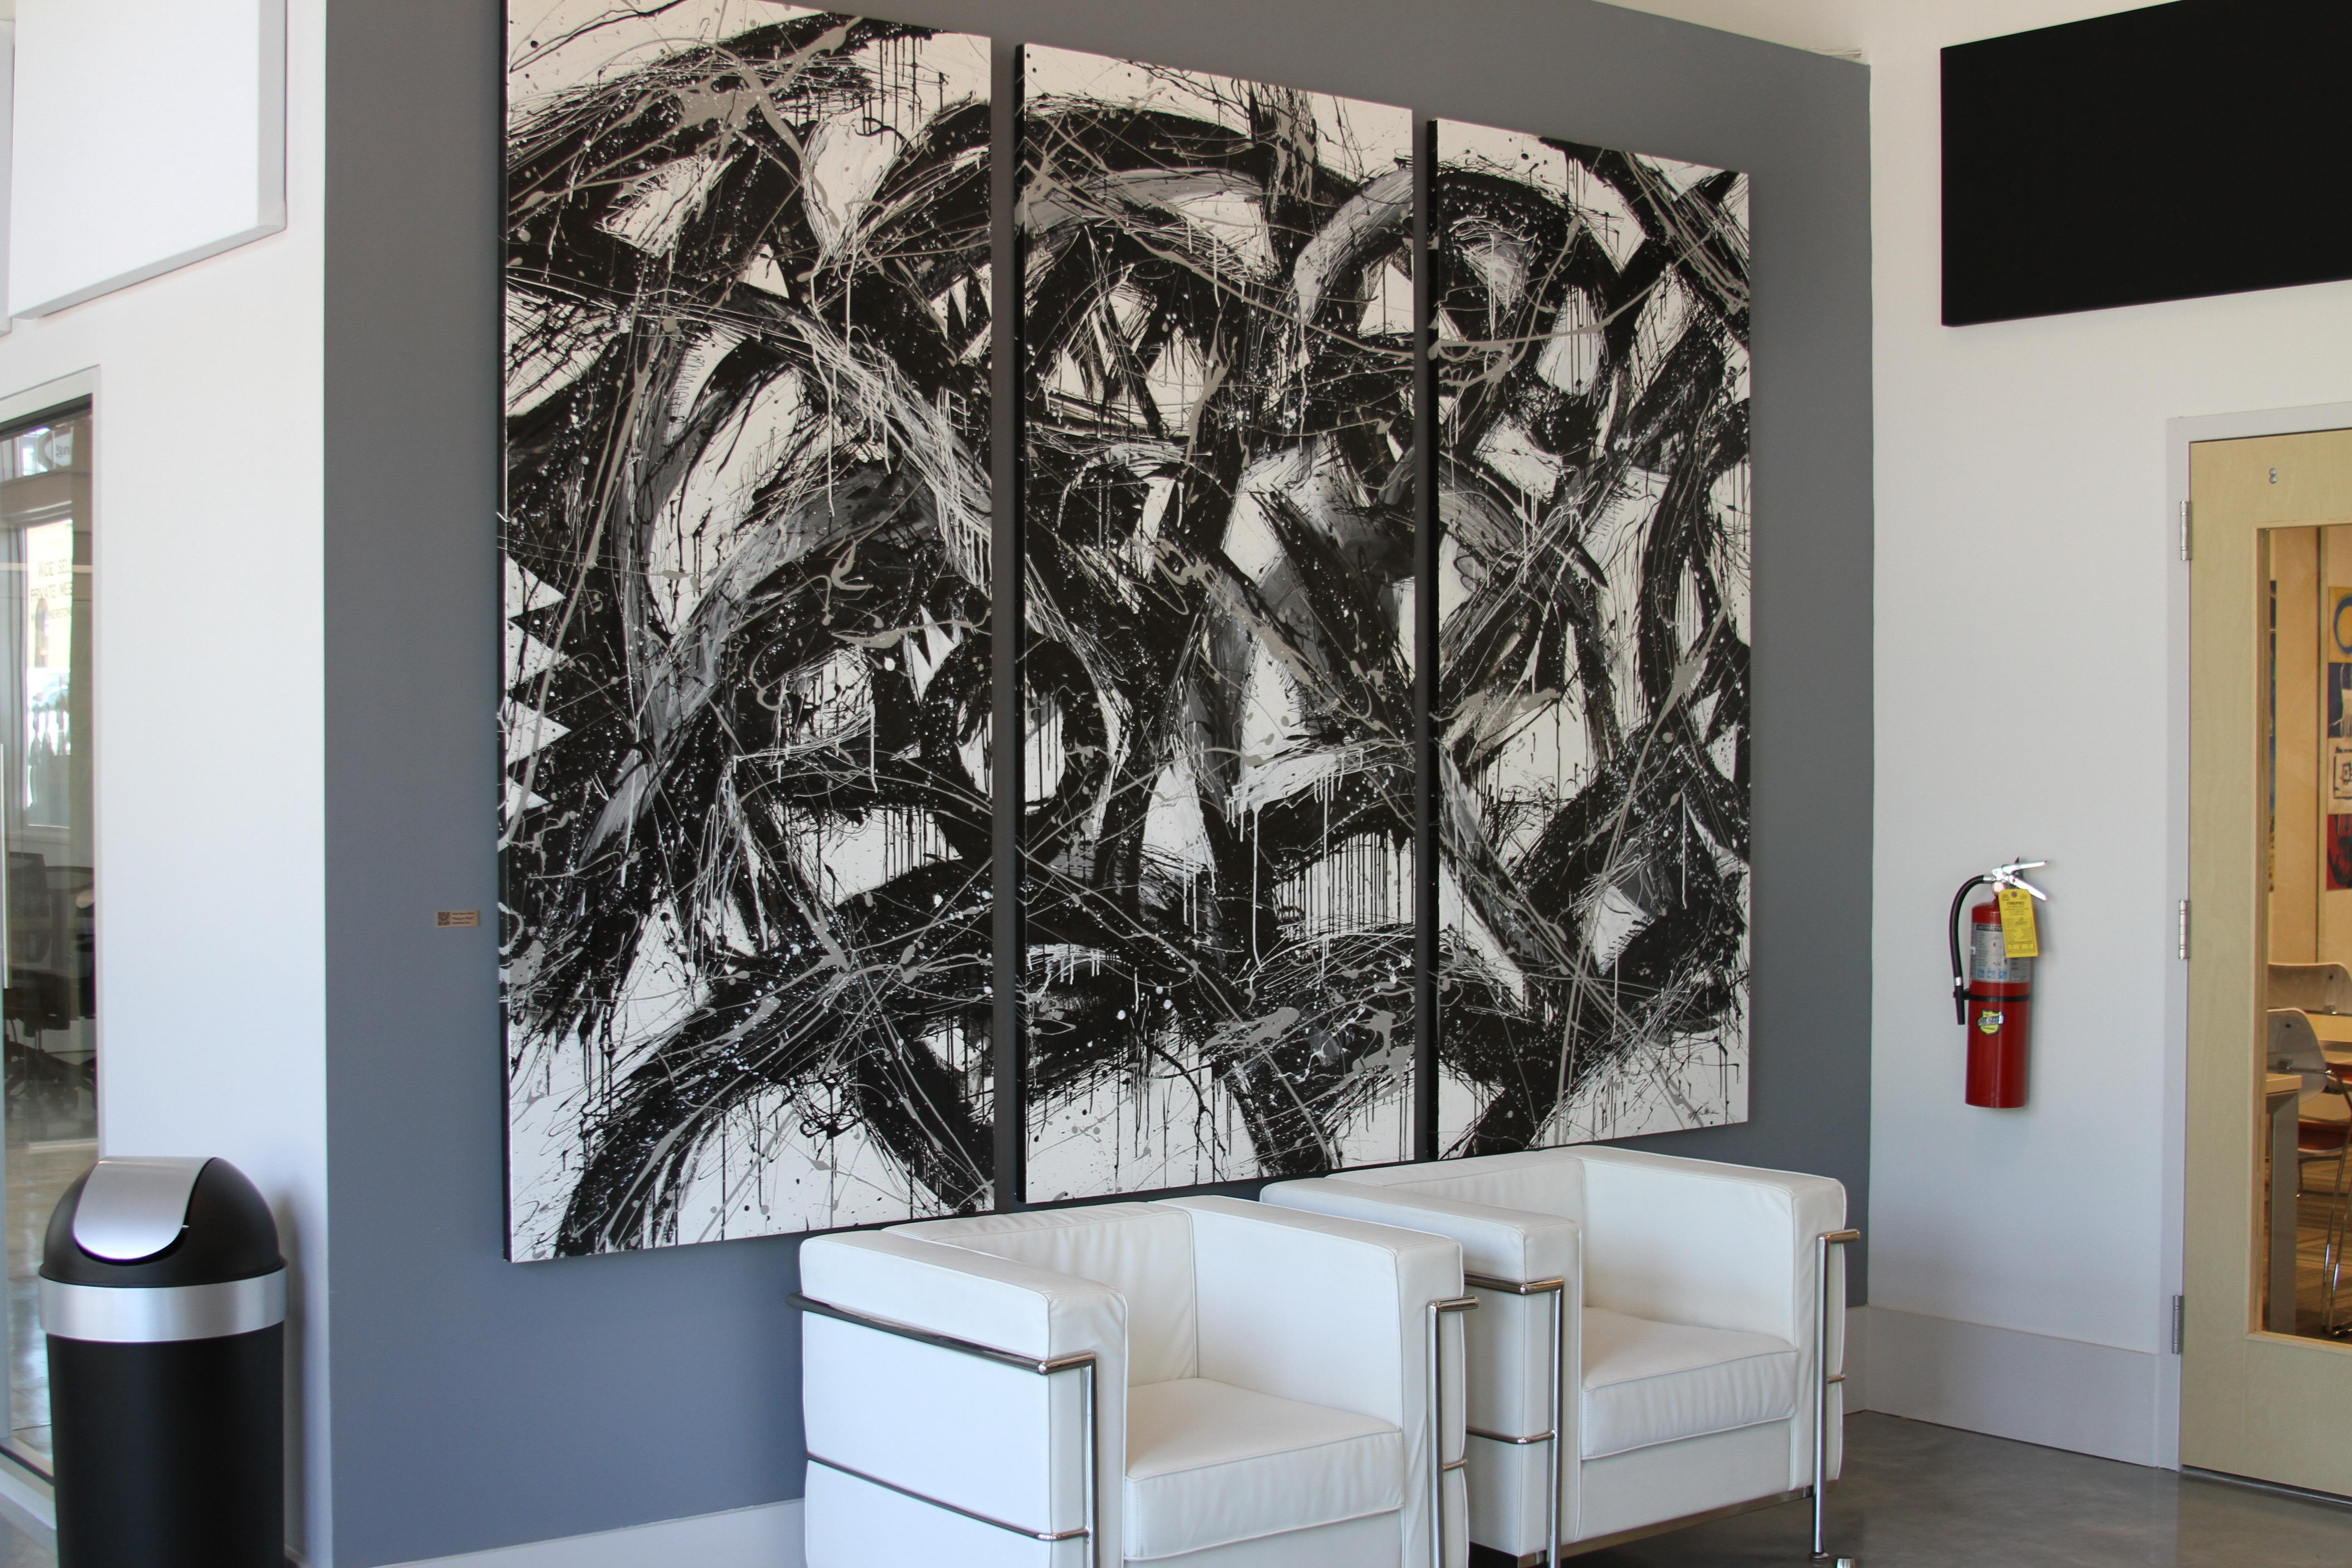 Banco De Imagens Interior Parede Sala De Estar Mob Lia Quarto  -> Arte Parede Sala